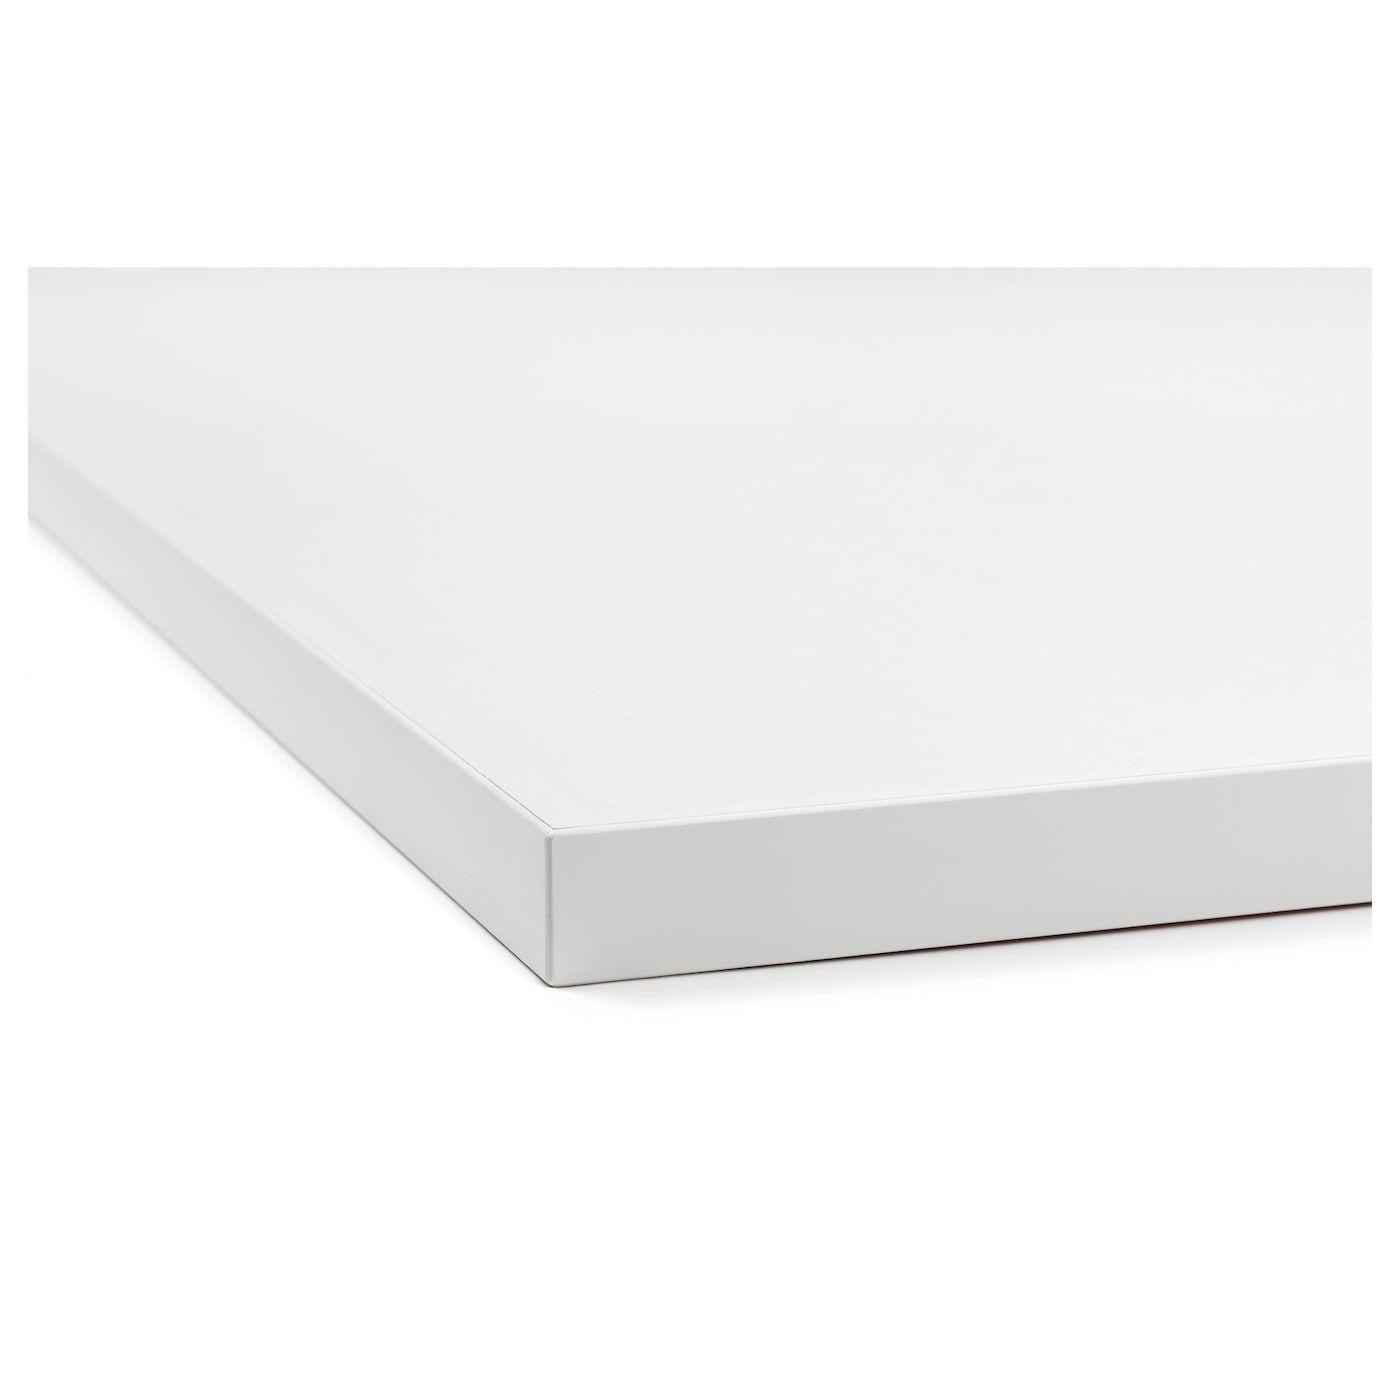 Ikea Ekbacken Countertop Double Sided In 2020 Countertops Laminate Countertops Kitchen Countertop Materials